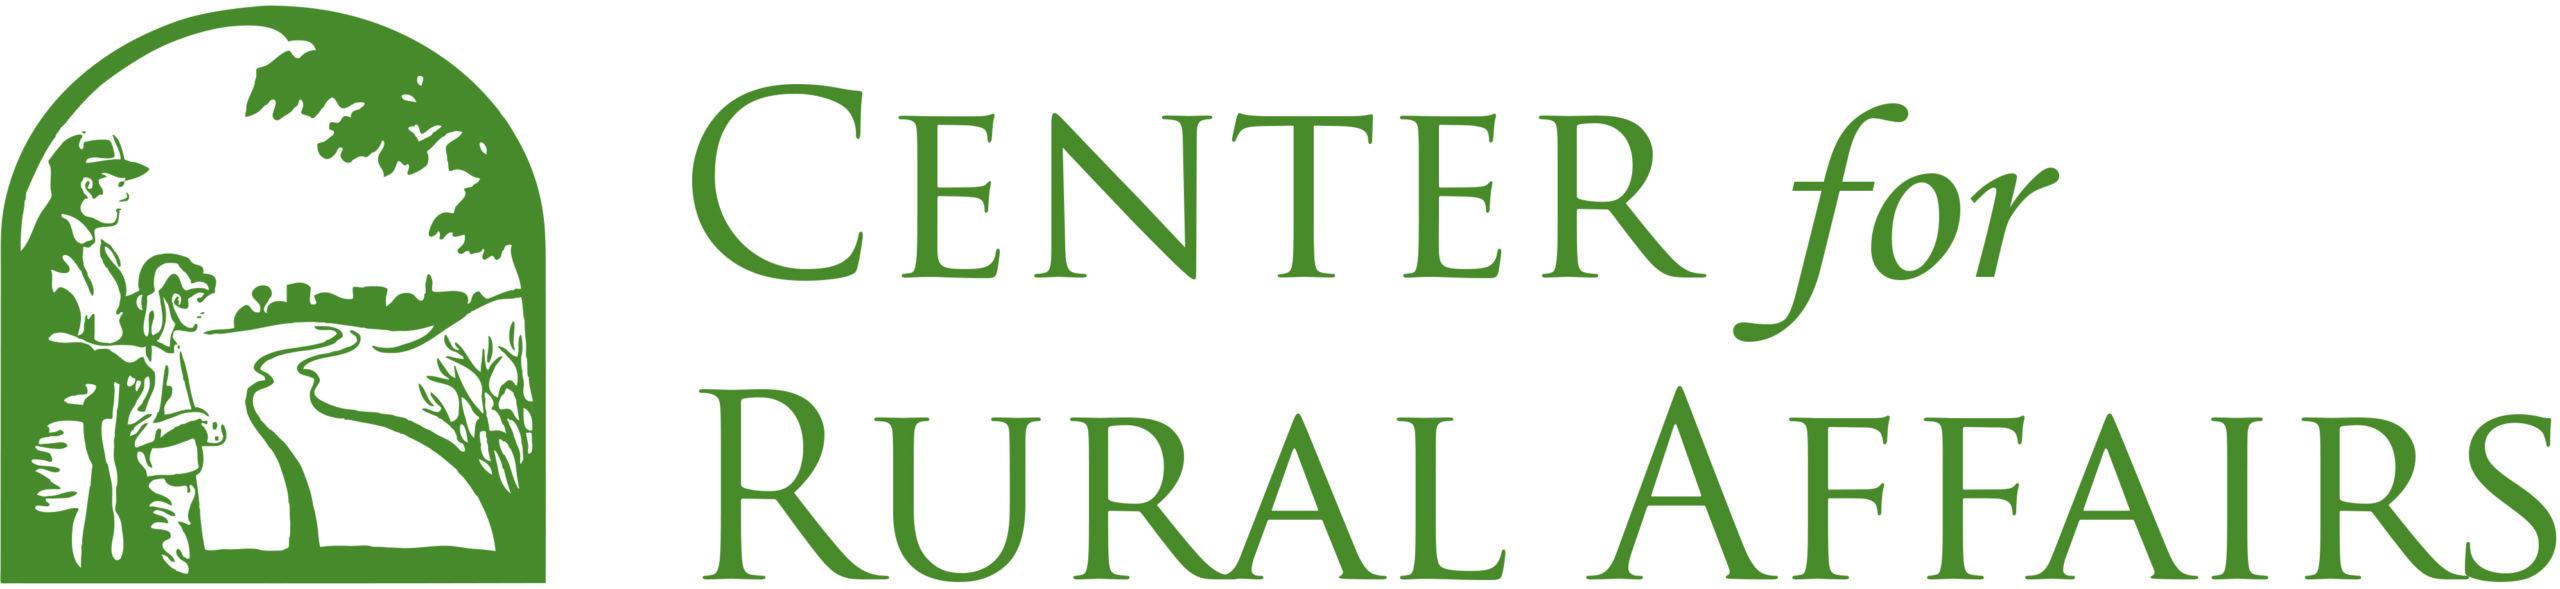 logo_two_line_center black